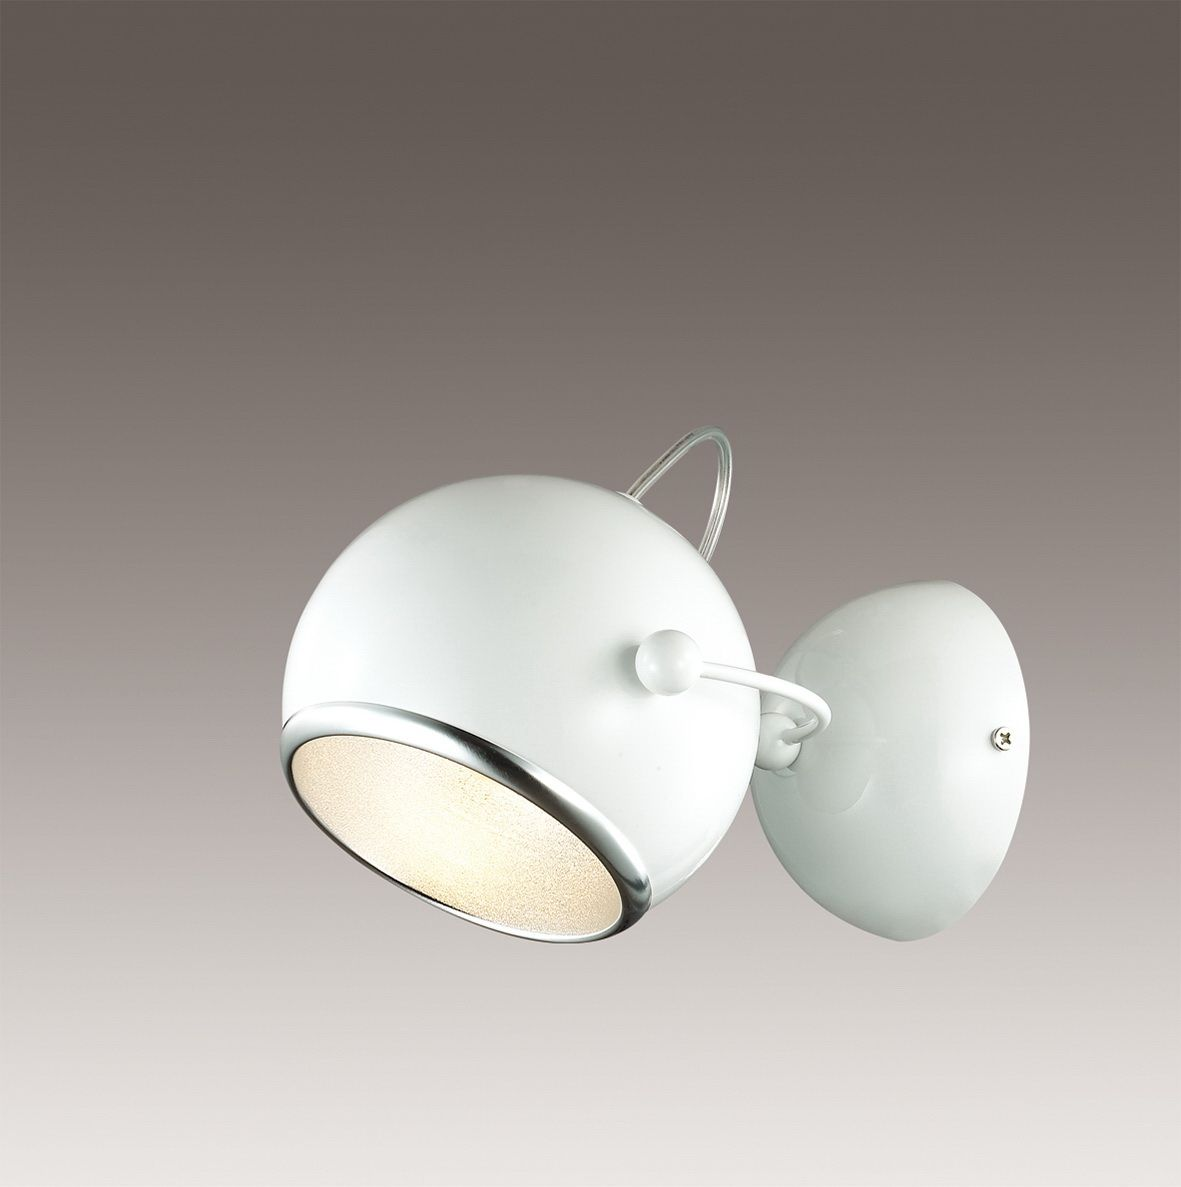 Спот Odeon Light Bula, 1 х E27, 60W. 2903/1W2903/1W